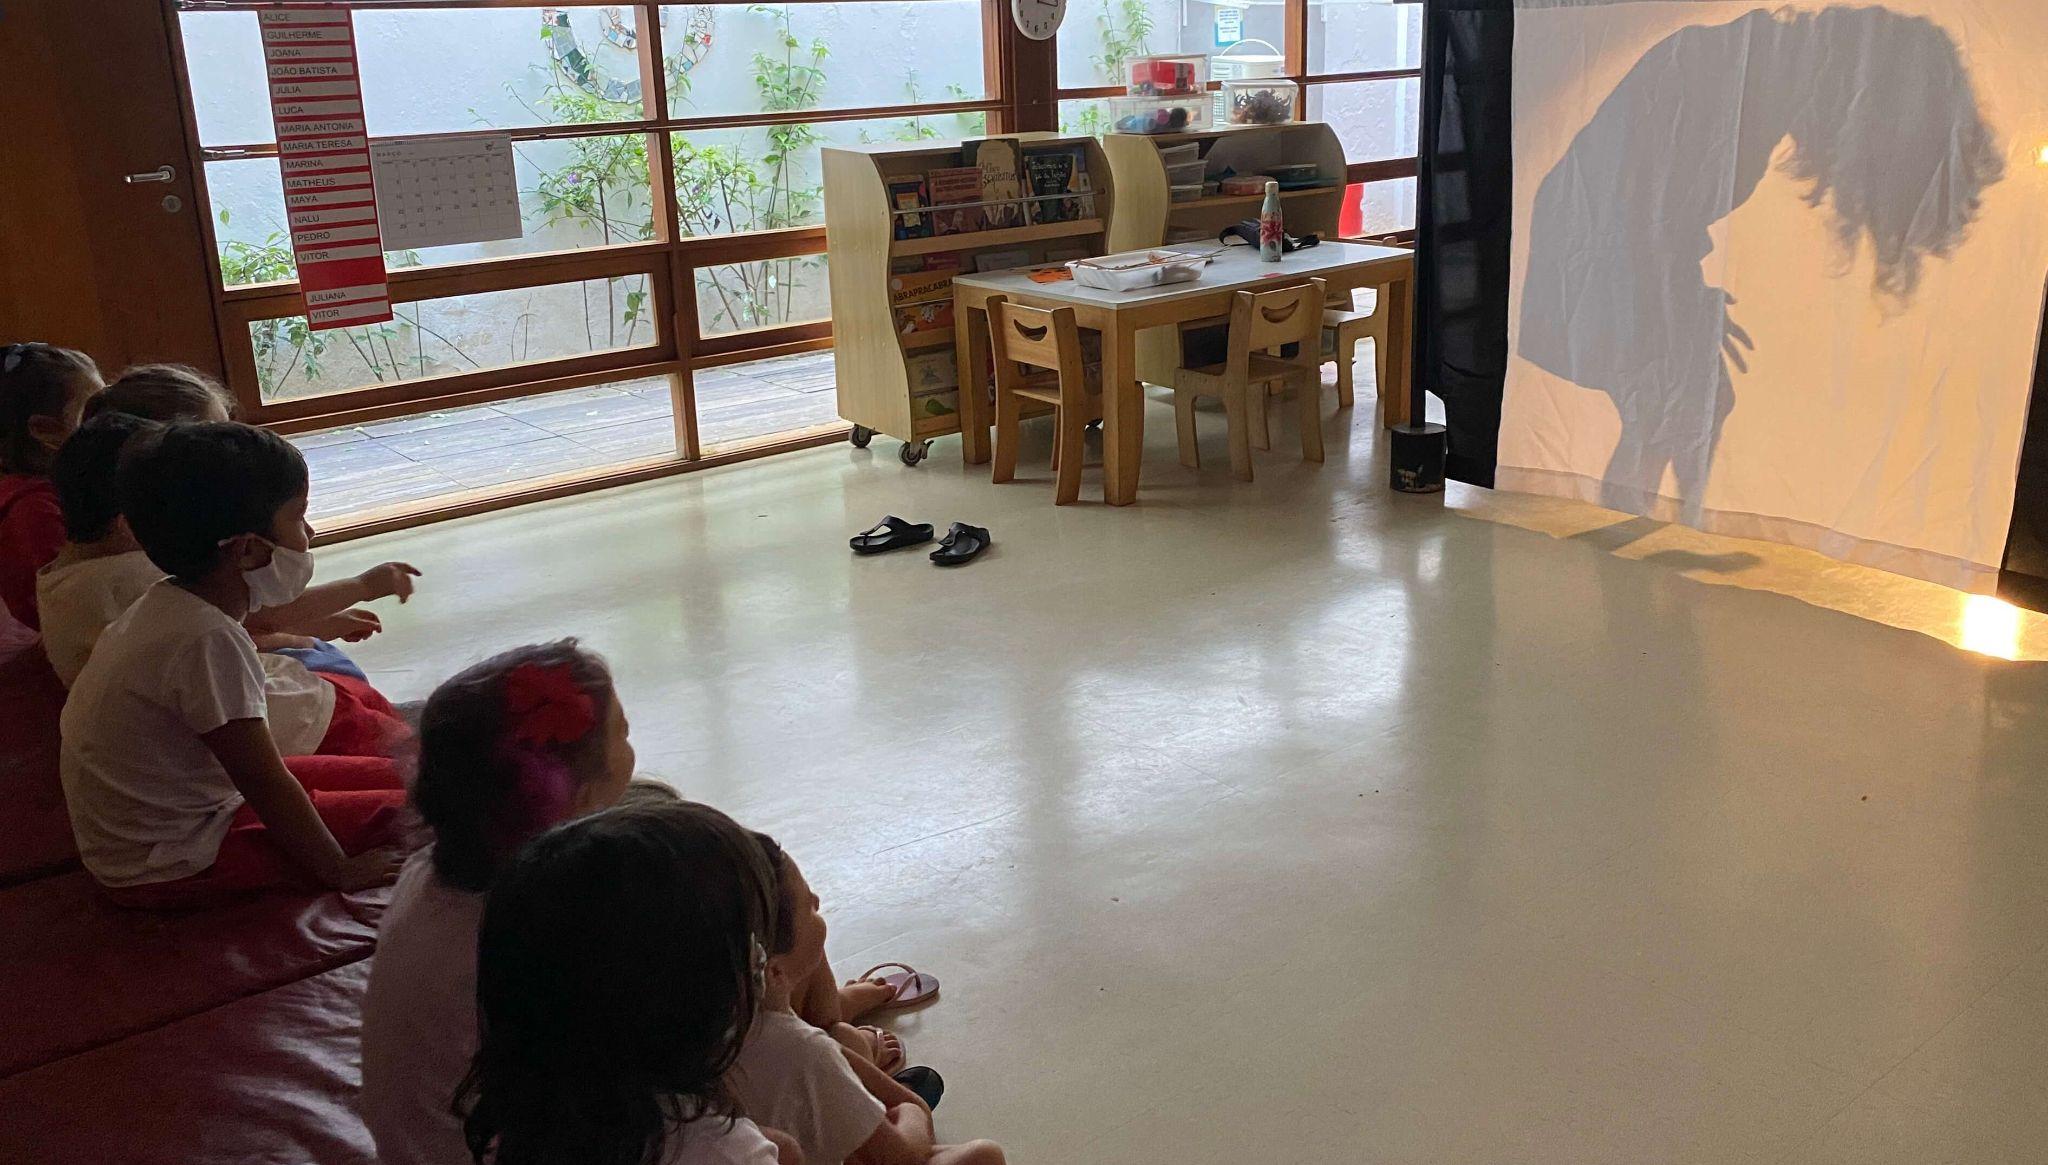 A imagem mostra um teatro de sombras e uma plateia com algumas crianças.